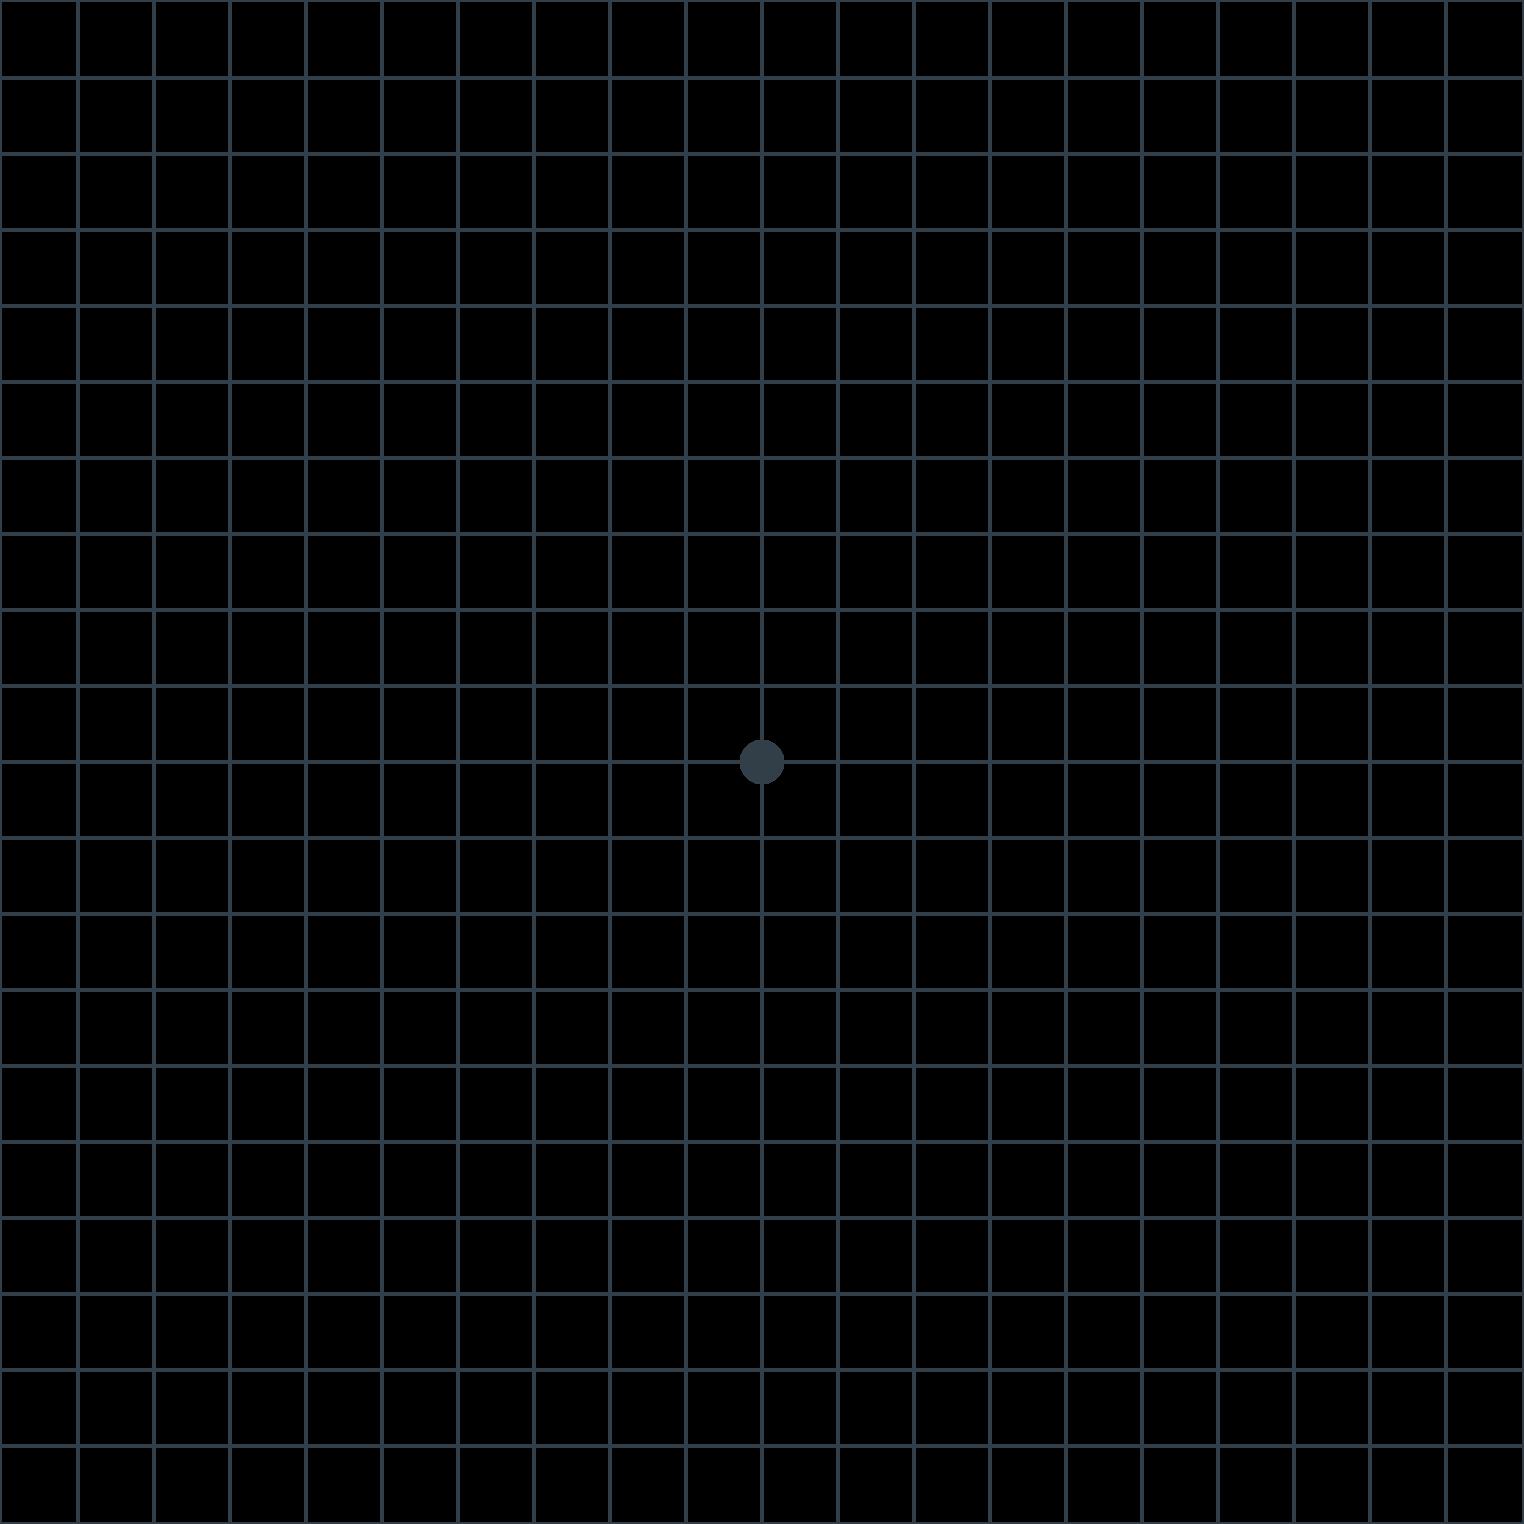 amsler_grid_test